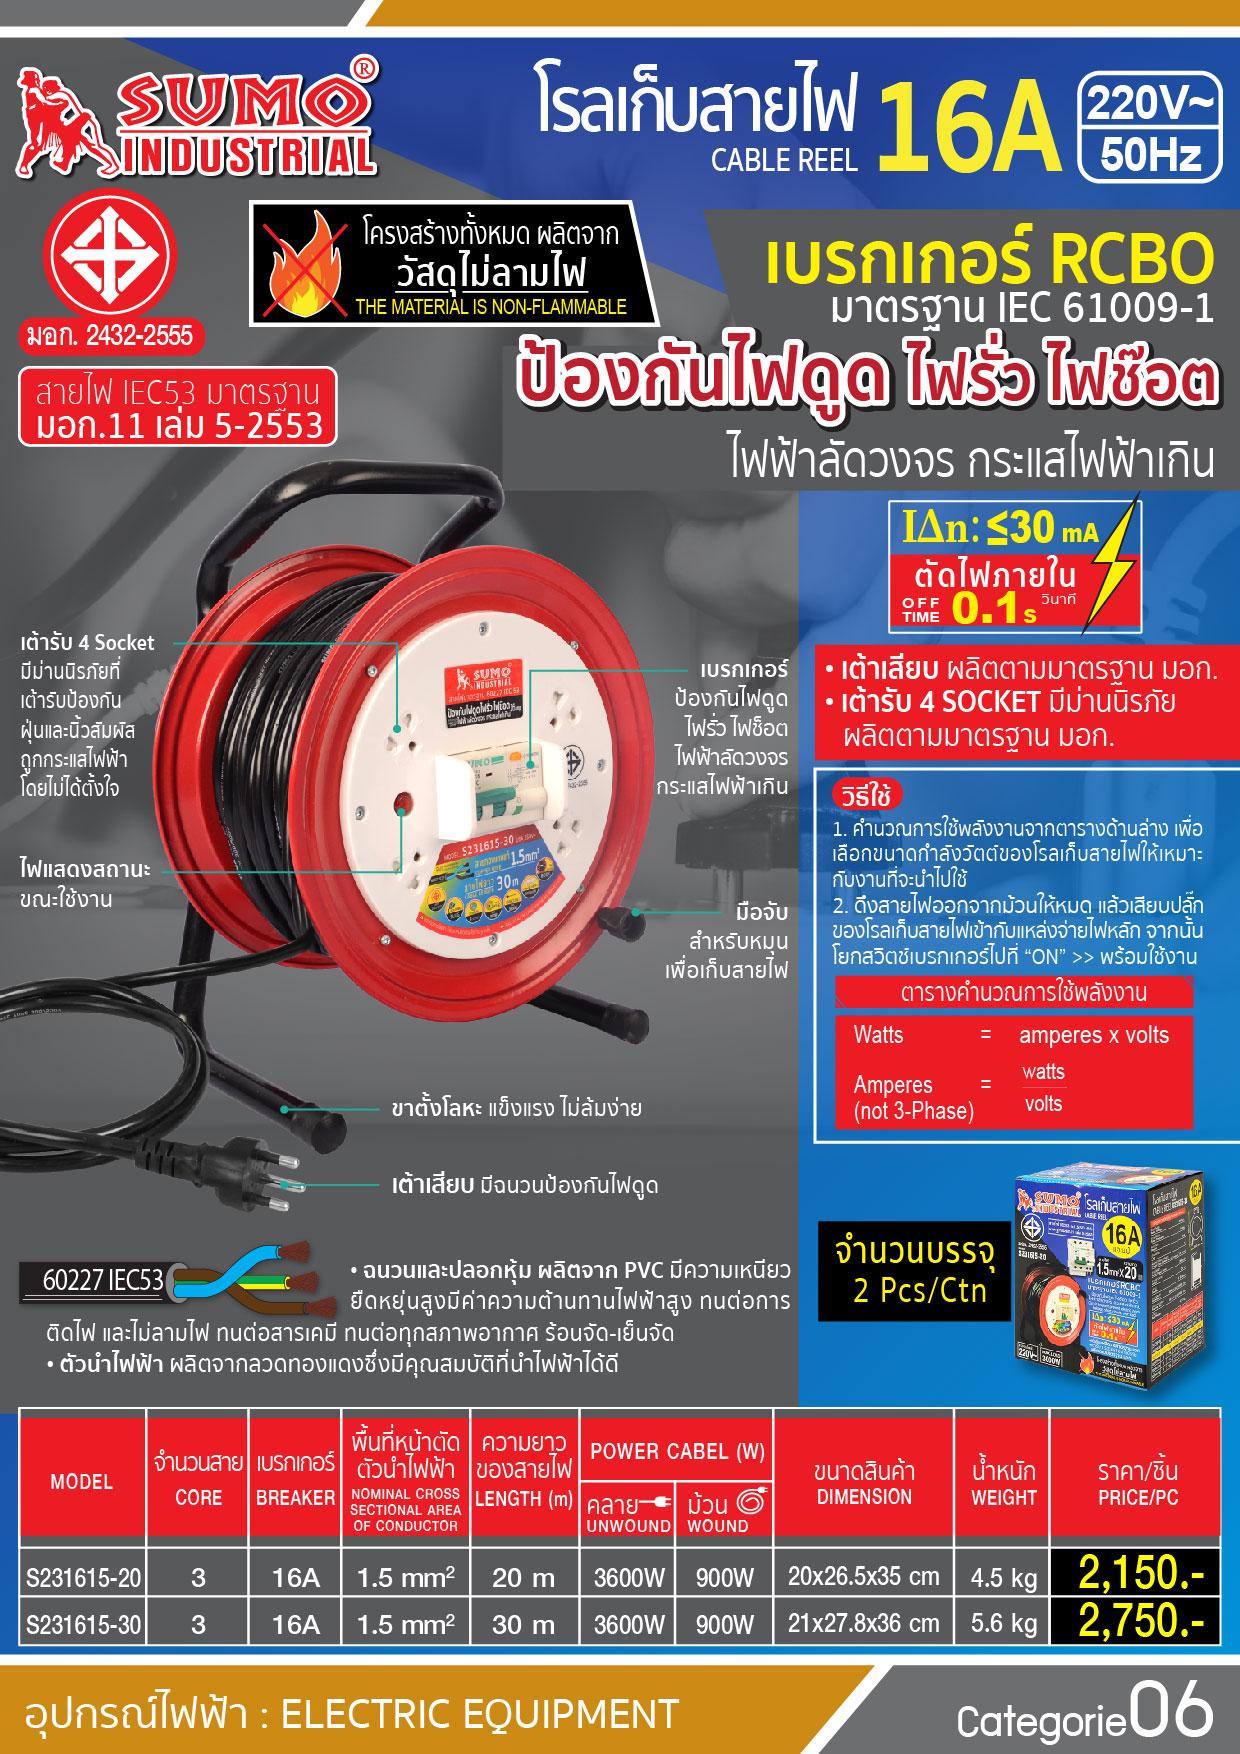 (5/196) โรลเก็บสายไฟ - Cable Reel